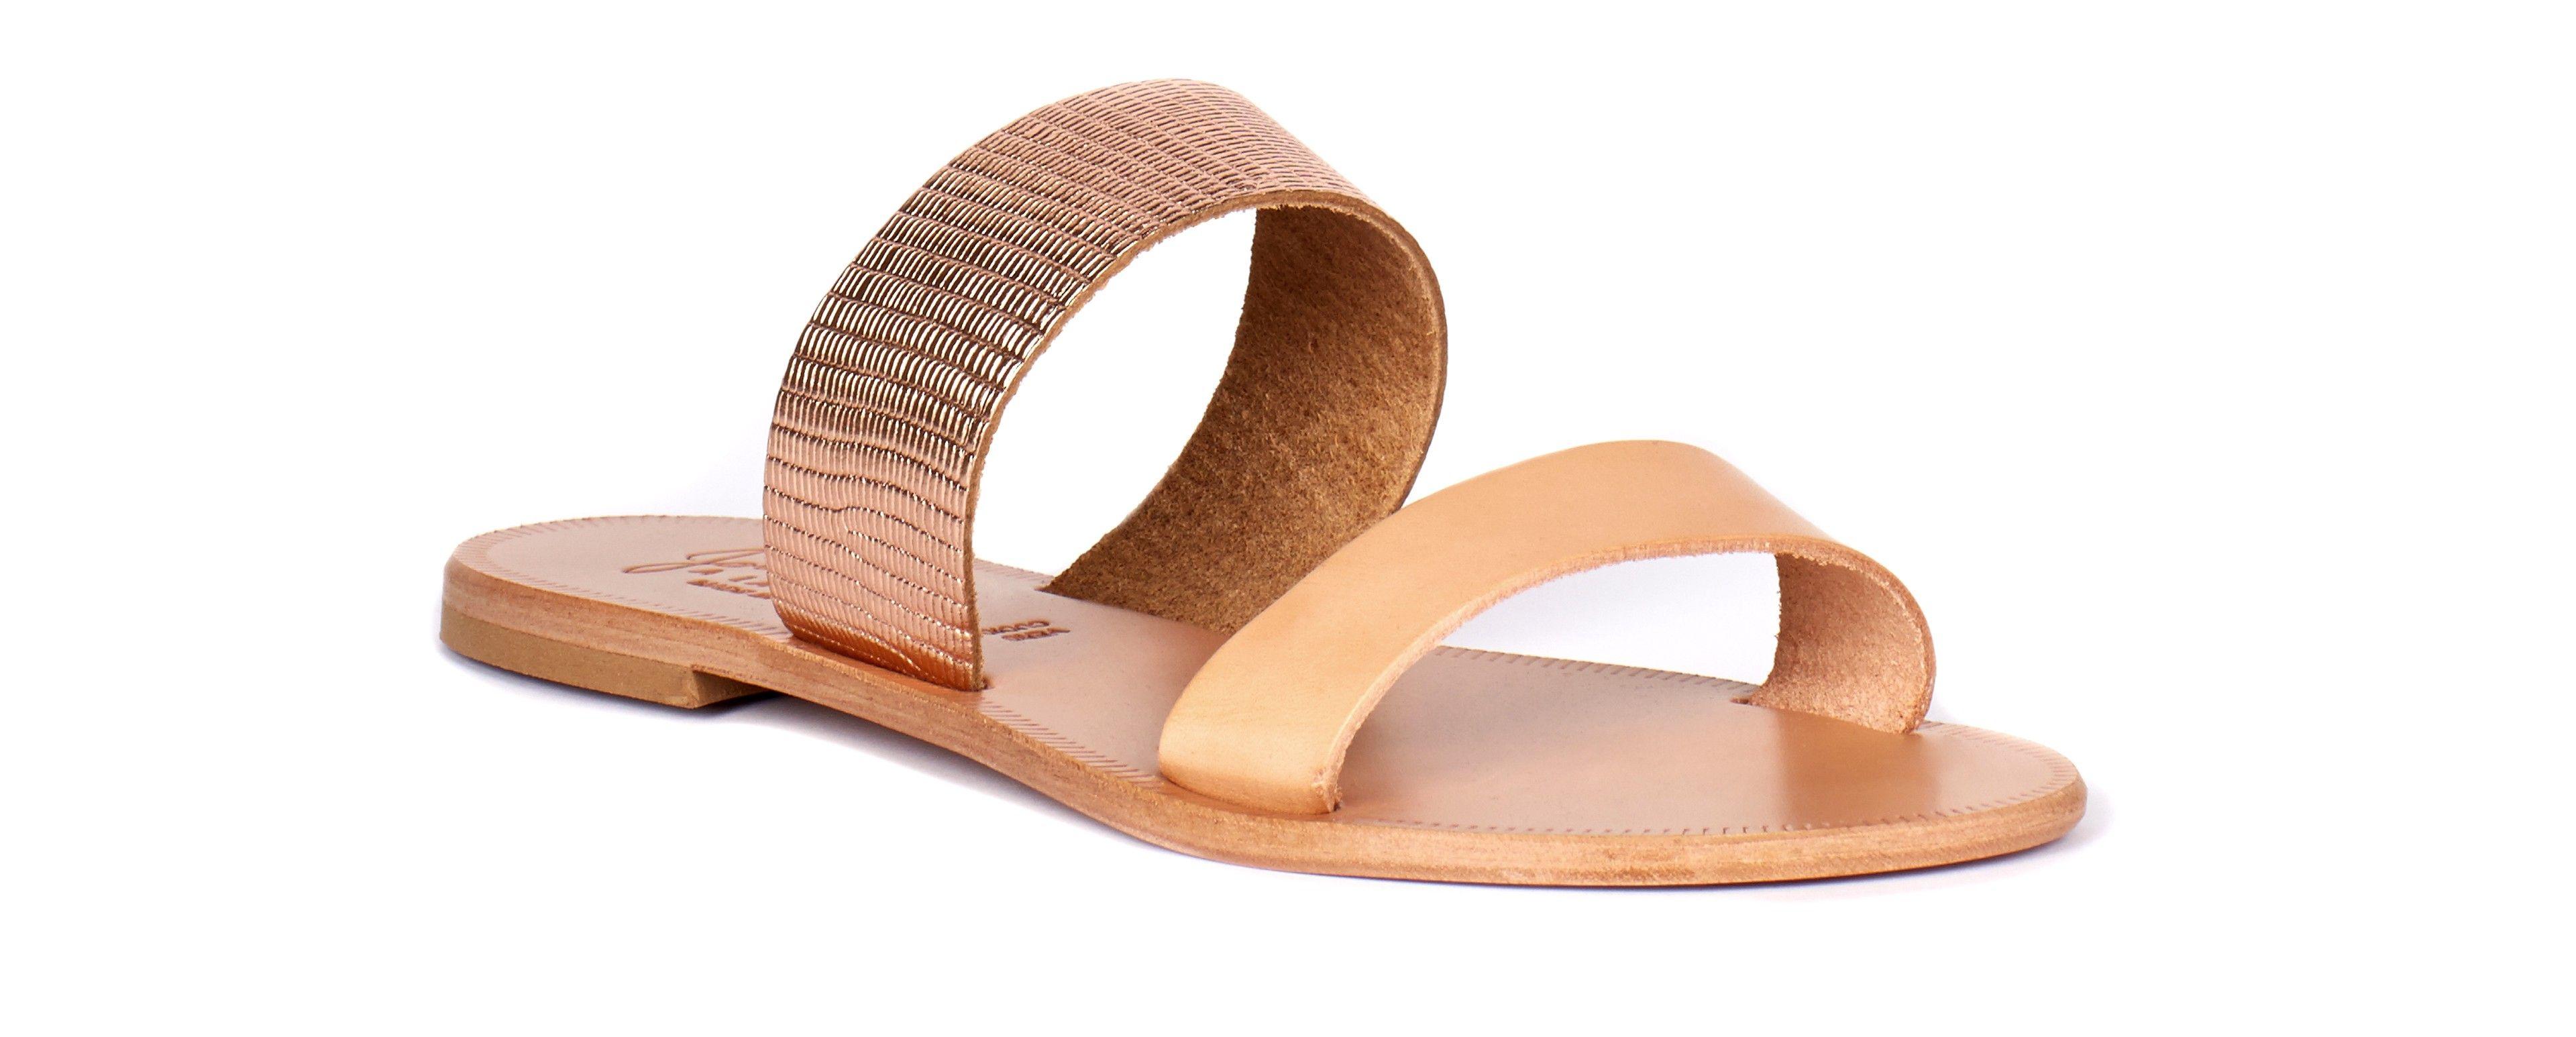 072d9c7245ef JOIE Sable Sandal.  joie  shoes  all